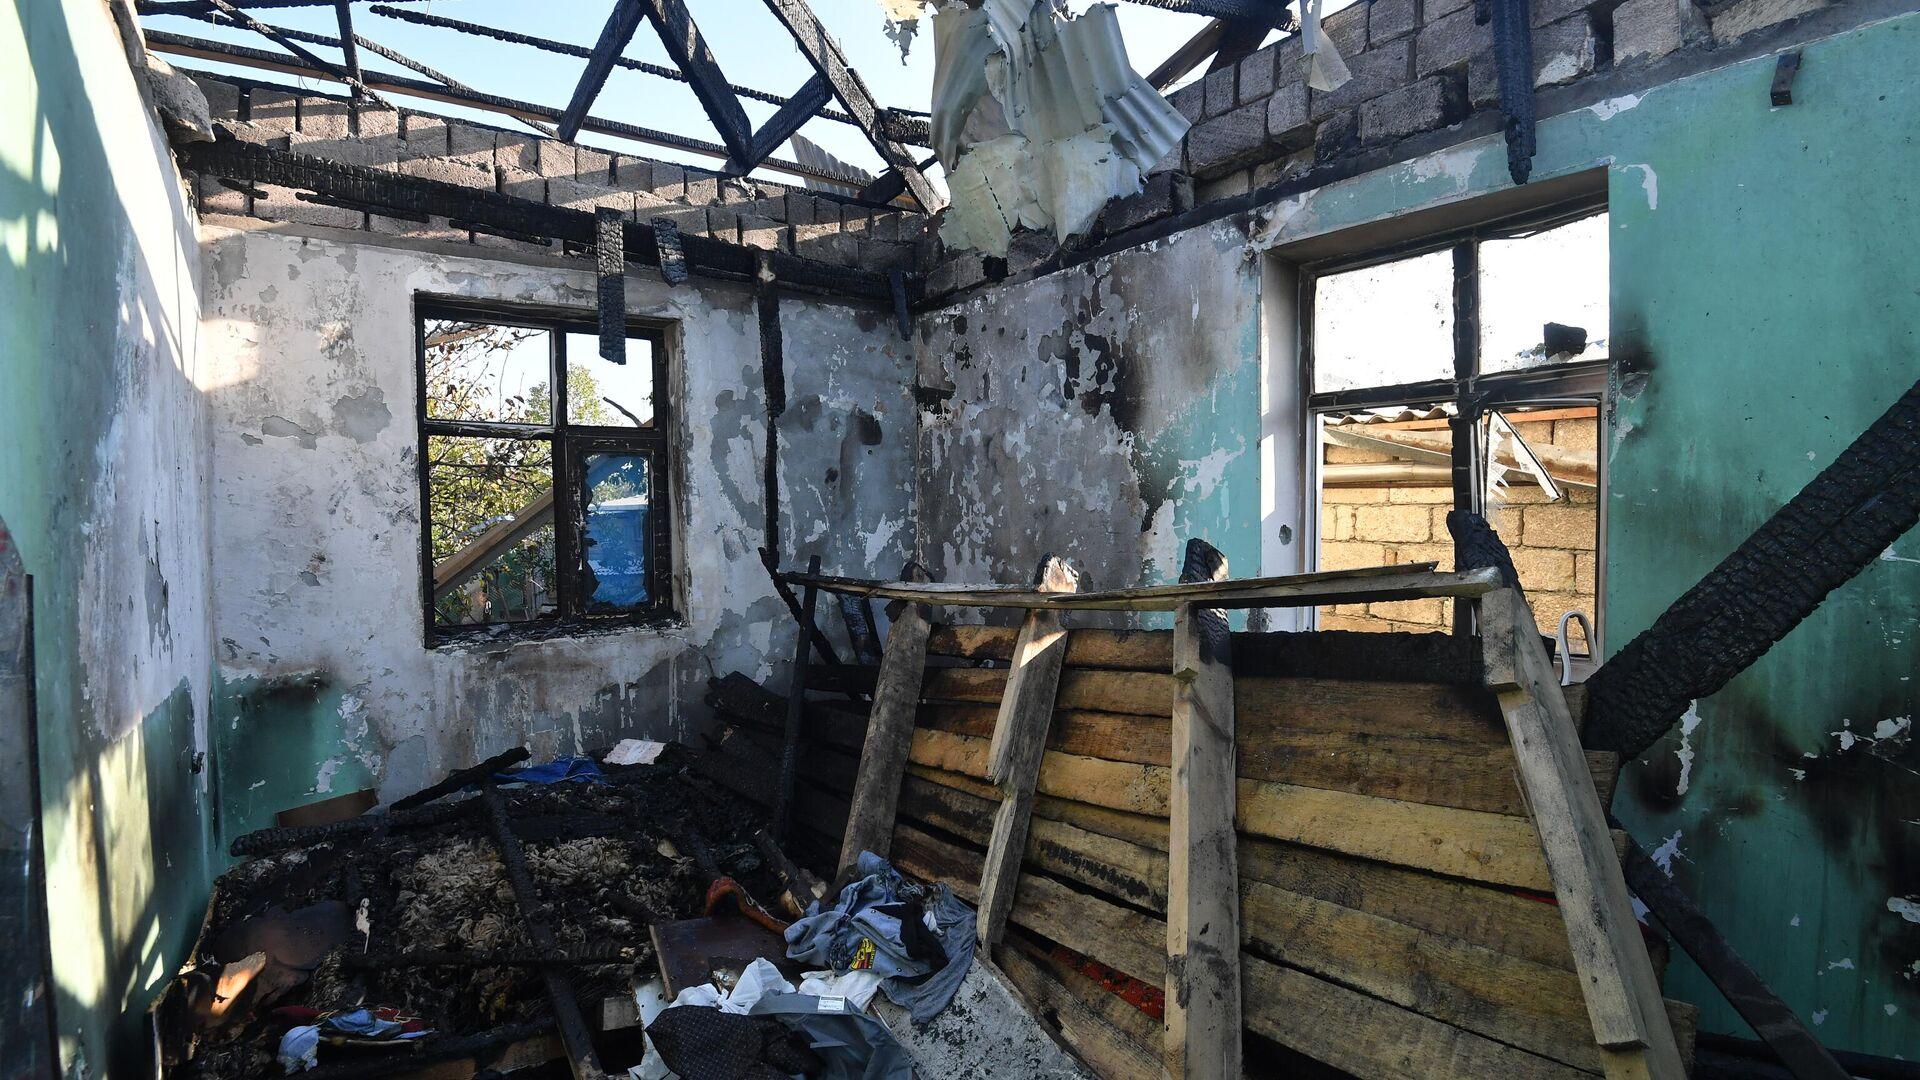 Жилой дом, разрушенный в результате обстрелов в Агдамском районе - РИА Новости, 1920, 19.10.2020